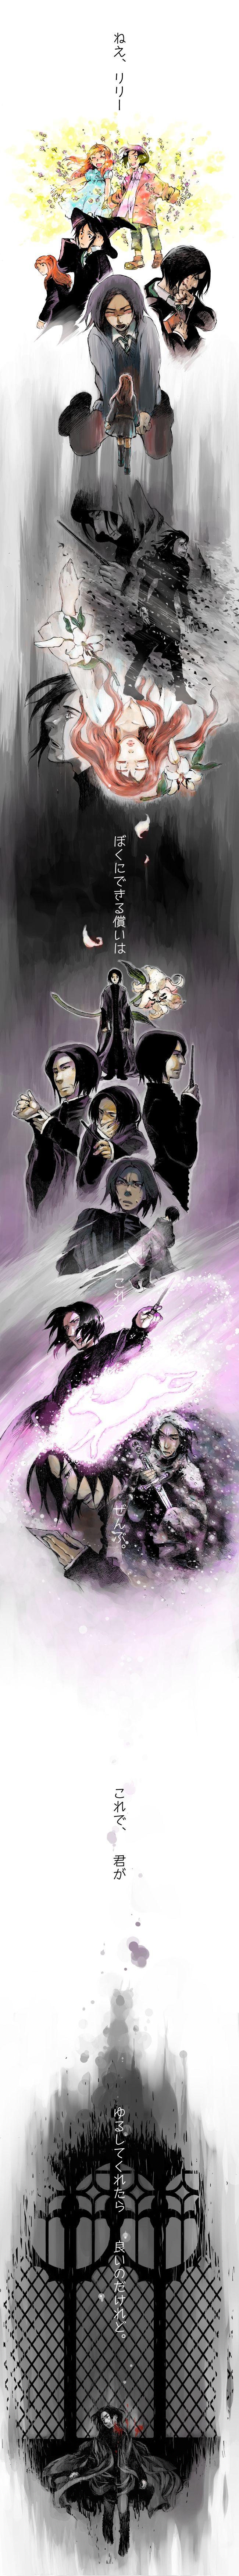 La triste vie de Severus Rogue en plus c'est l'un de mes personnages préféré dégoûté qu'il soit mort